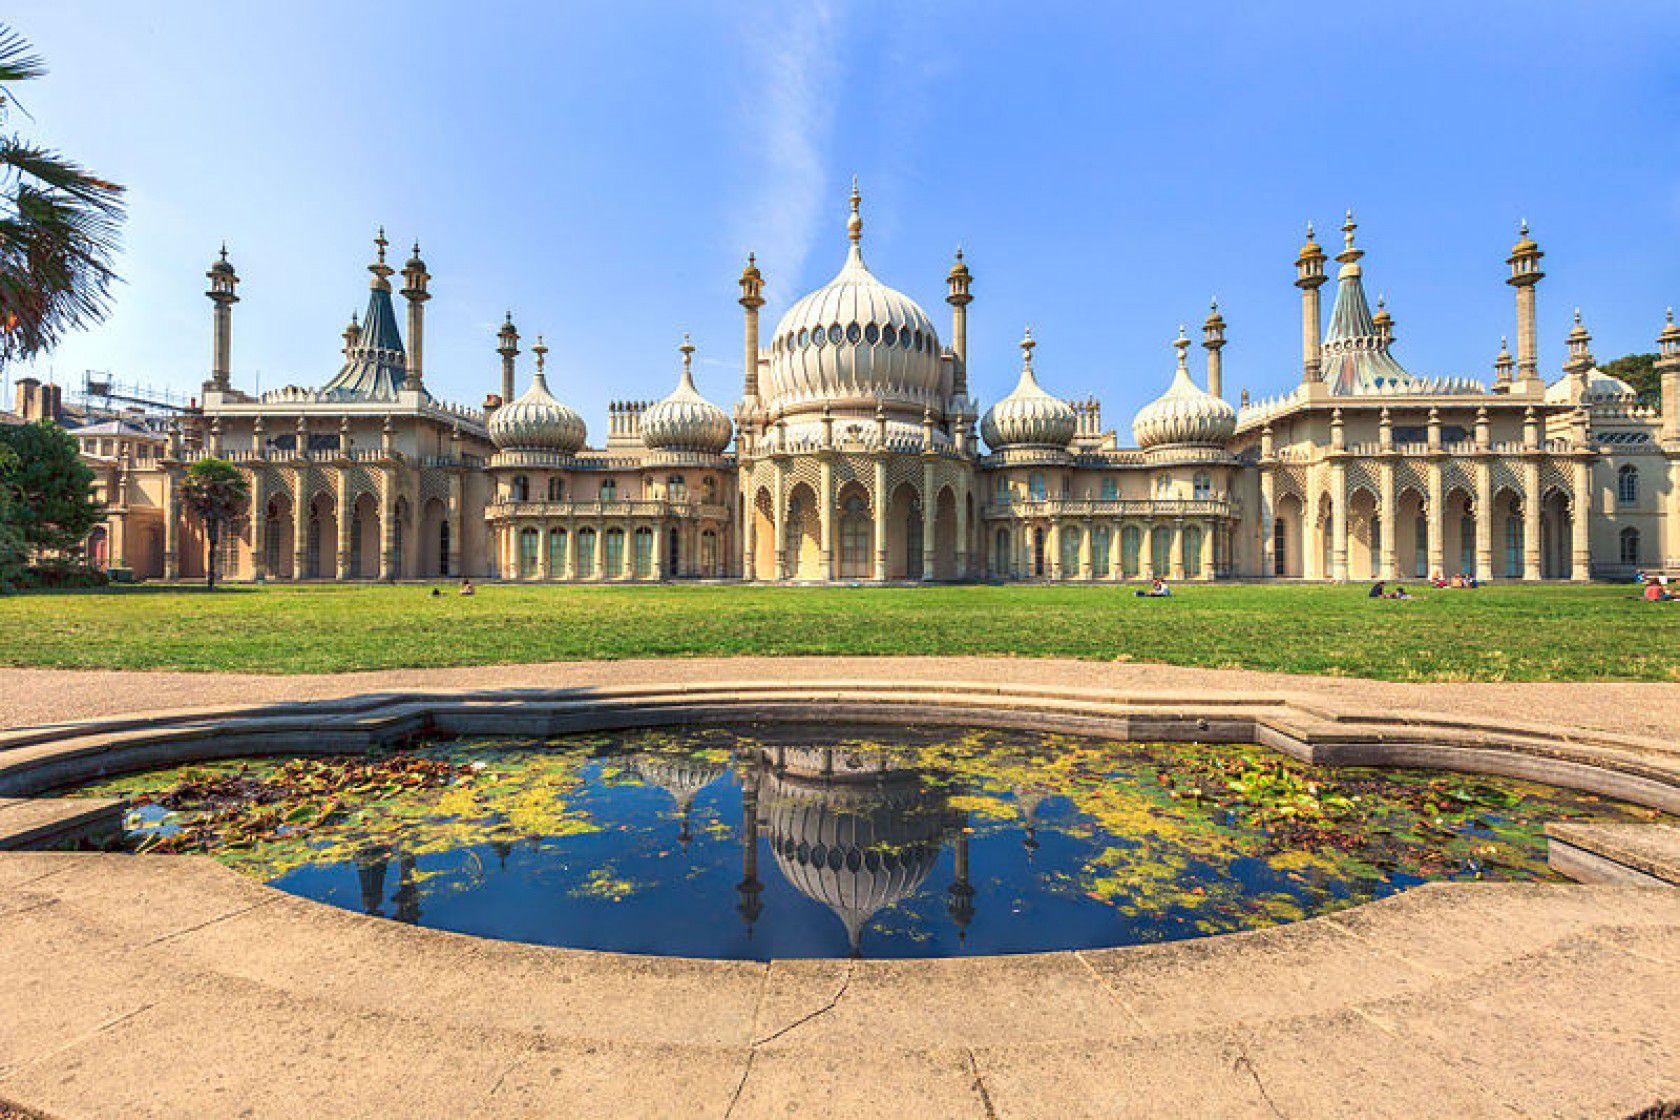 İngiltere Brighton'da lise eğitimi almak